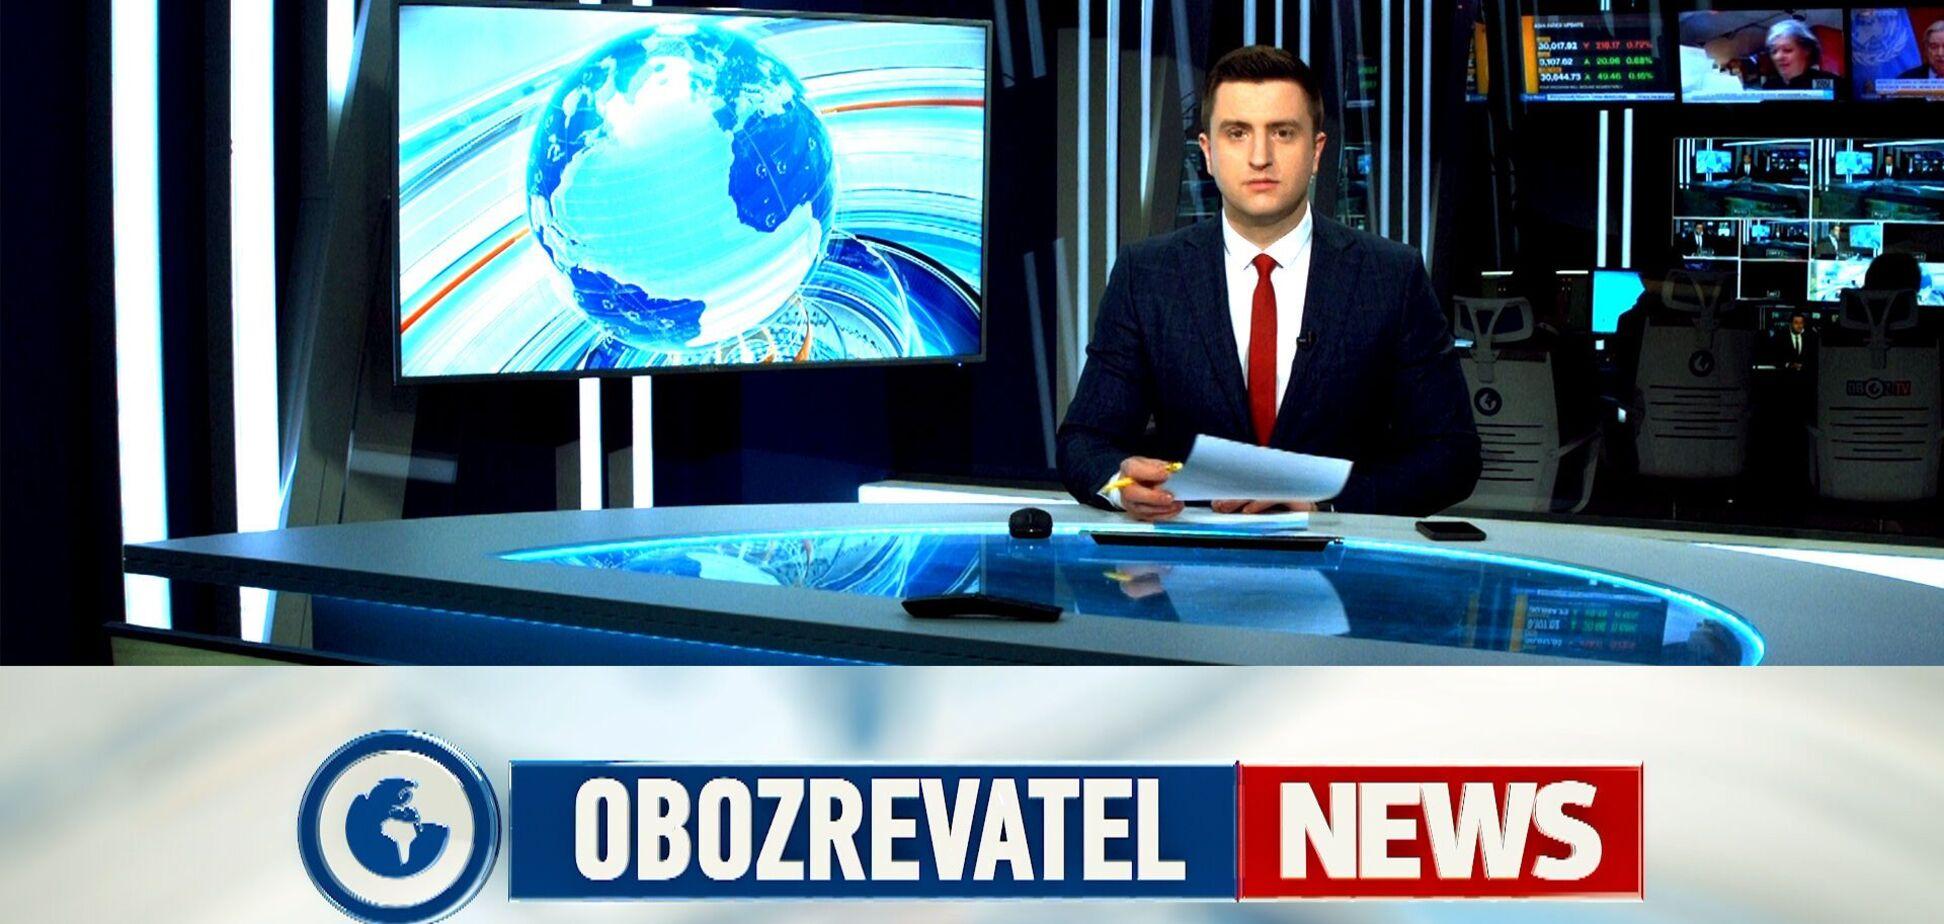 Зима идет на спад, Израиль замело, марсоход Perseverance сел – блиц-новости